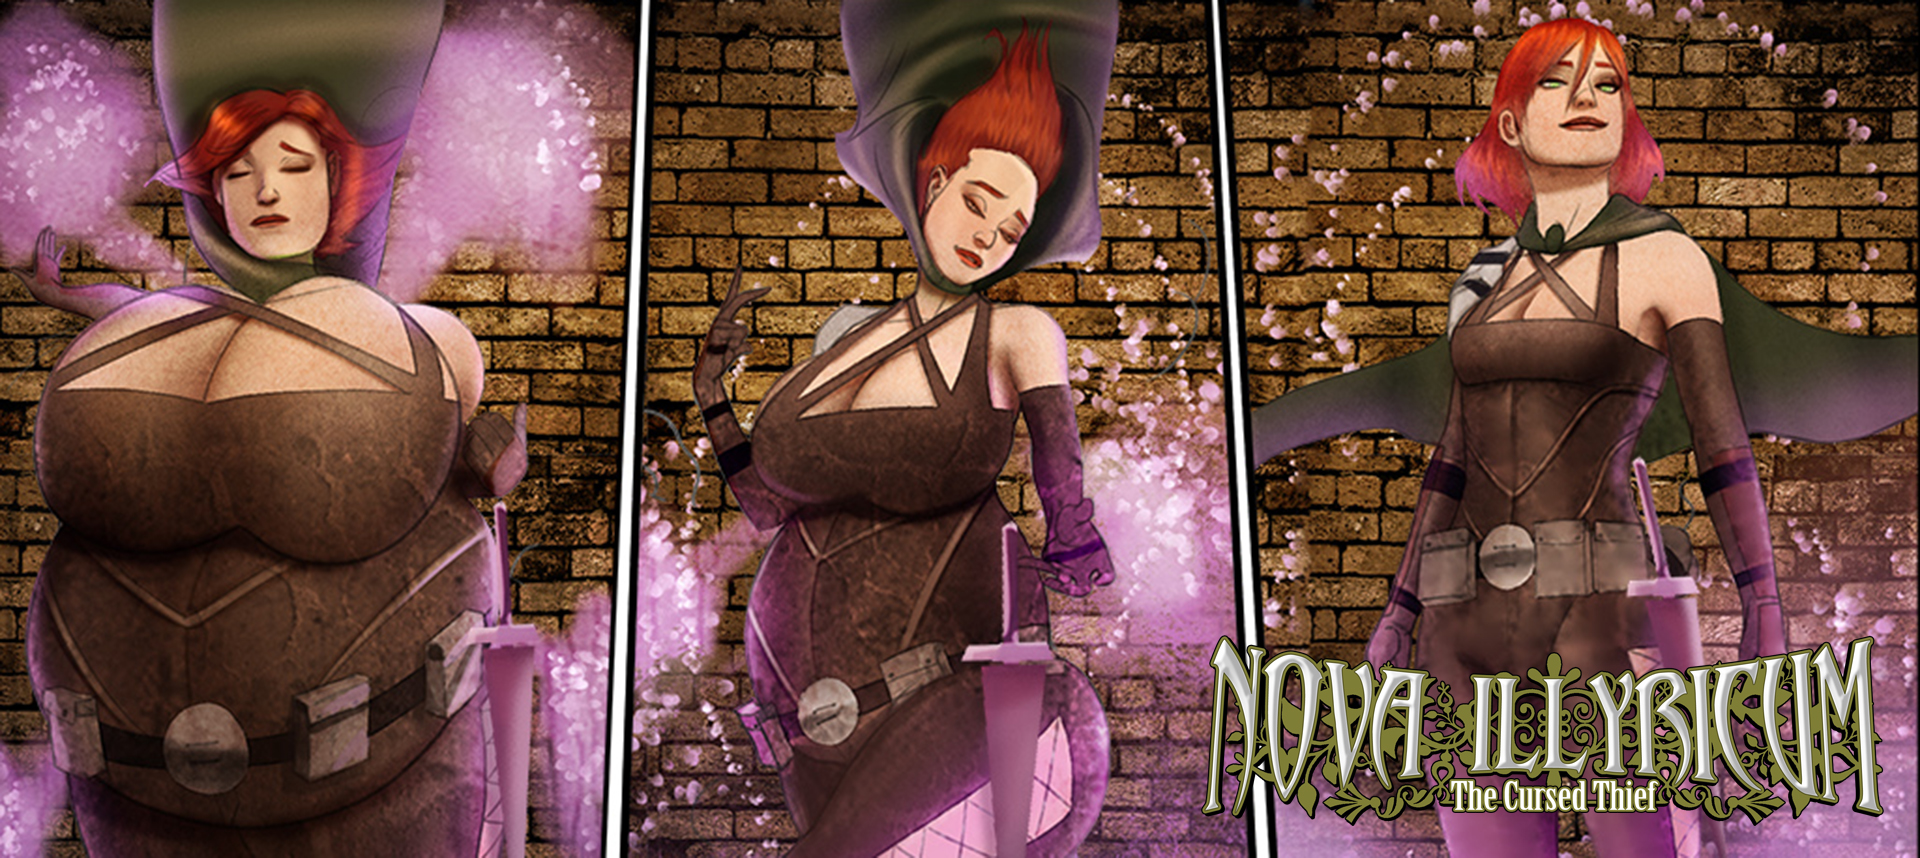 Nova-Illyricum_SLIDE01